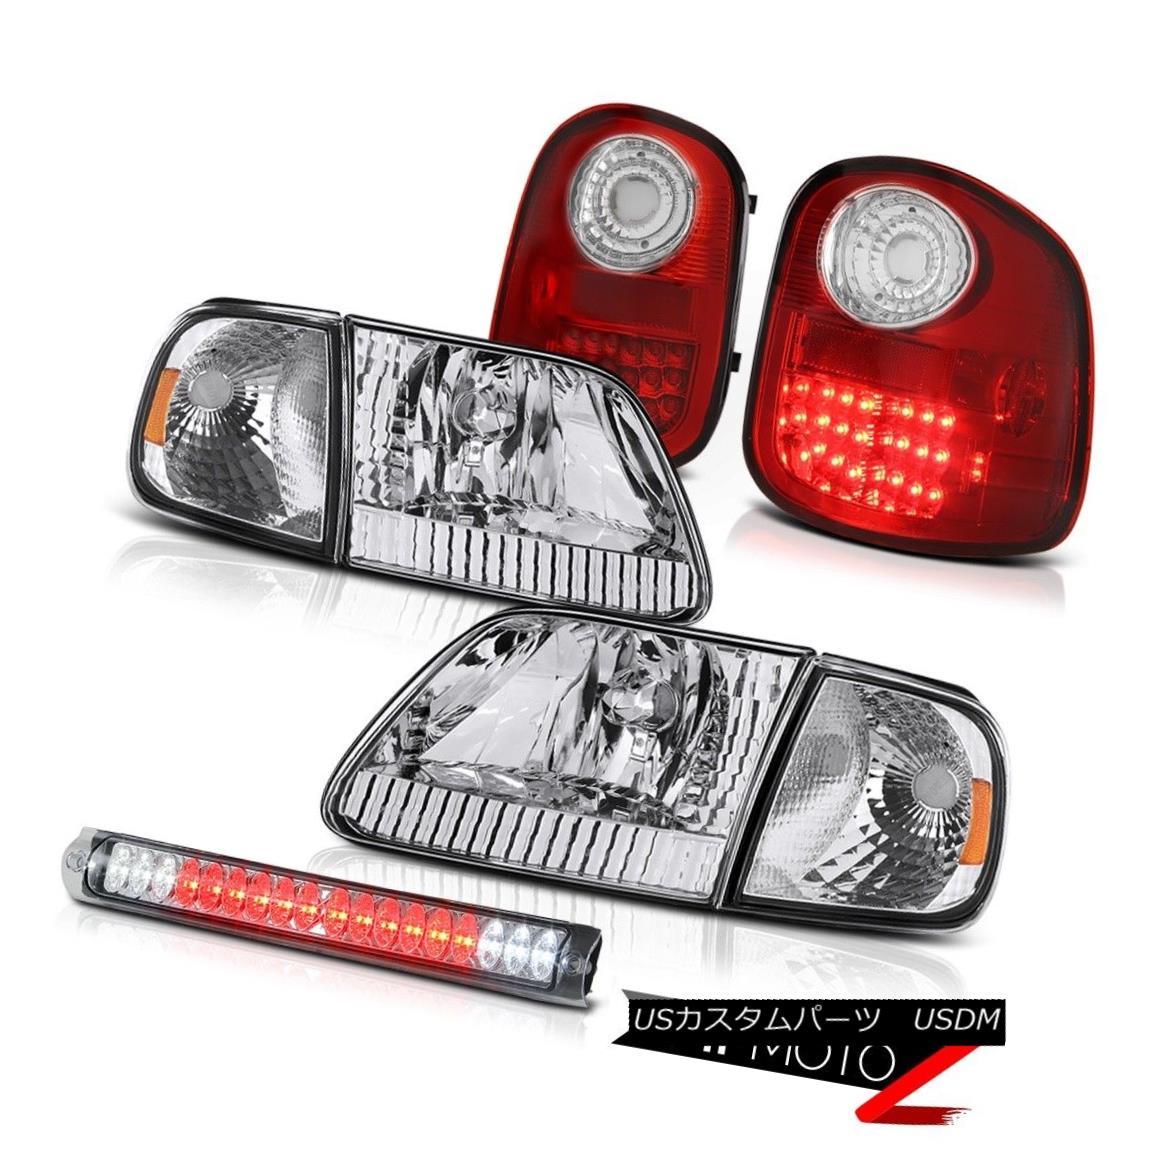 ヘッドライト 97-03 Ford F150 Flareside Pair Headlights Clear High LED RED Taillights Assembly 97-03 Ford F150 FlaresideペアヘッドライトクリアハイLED REDターンライトアセンブリ